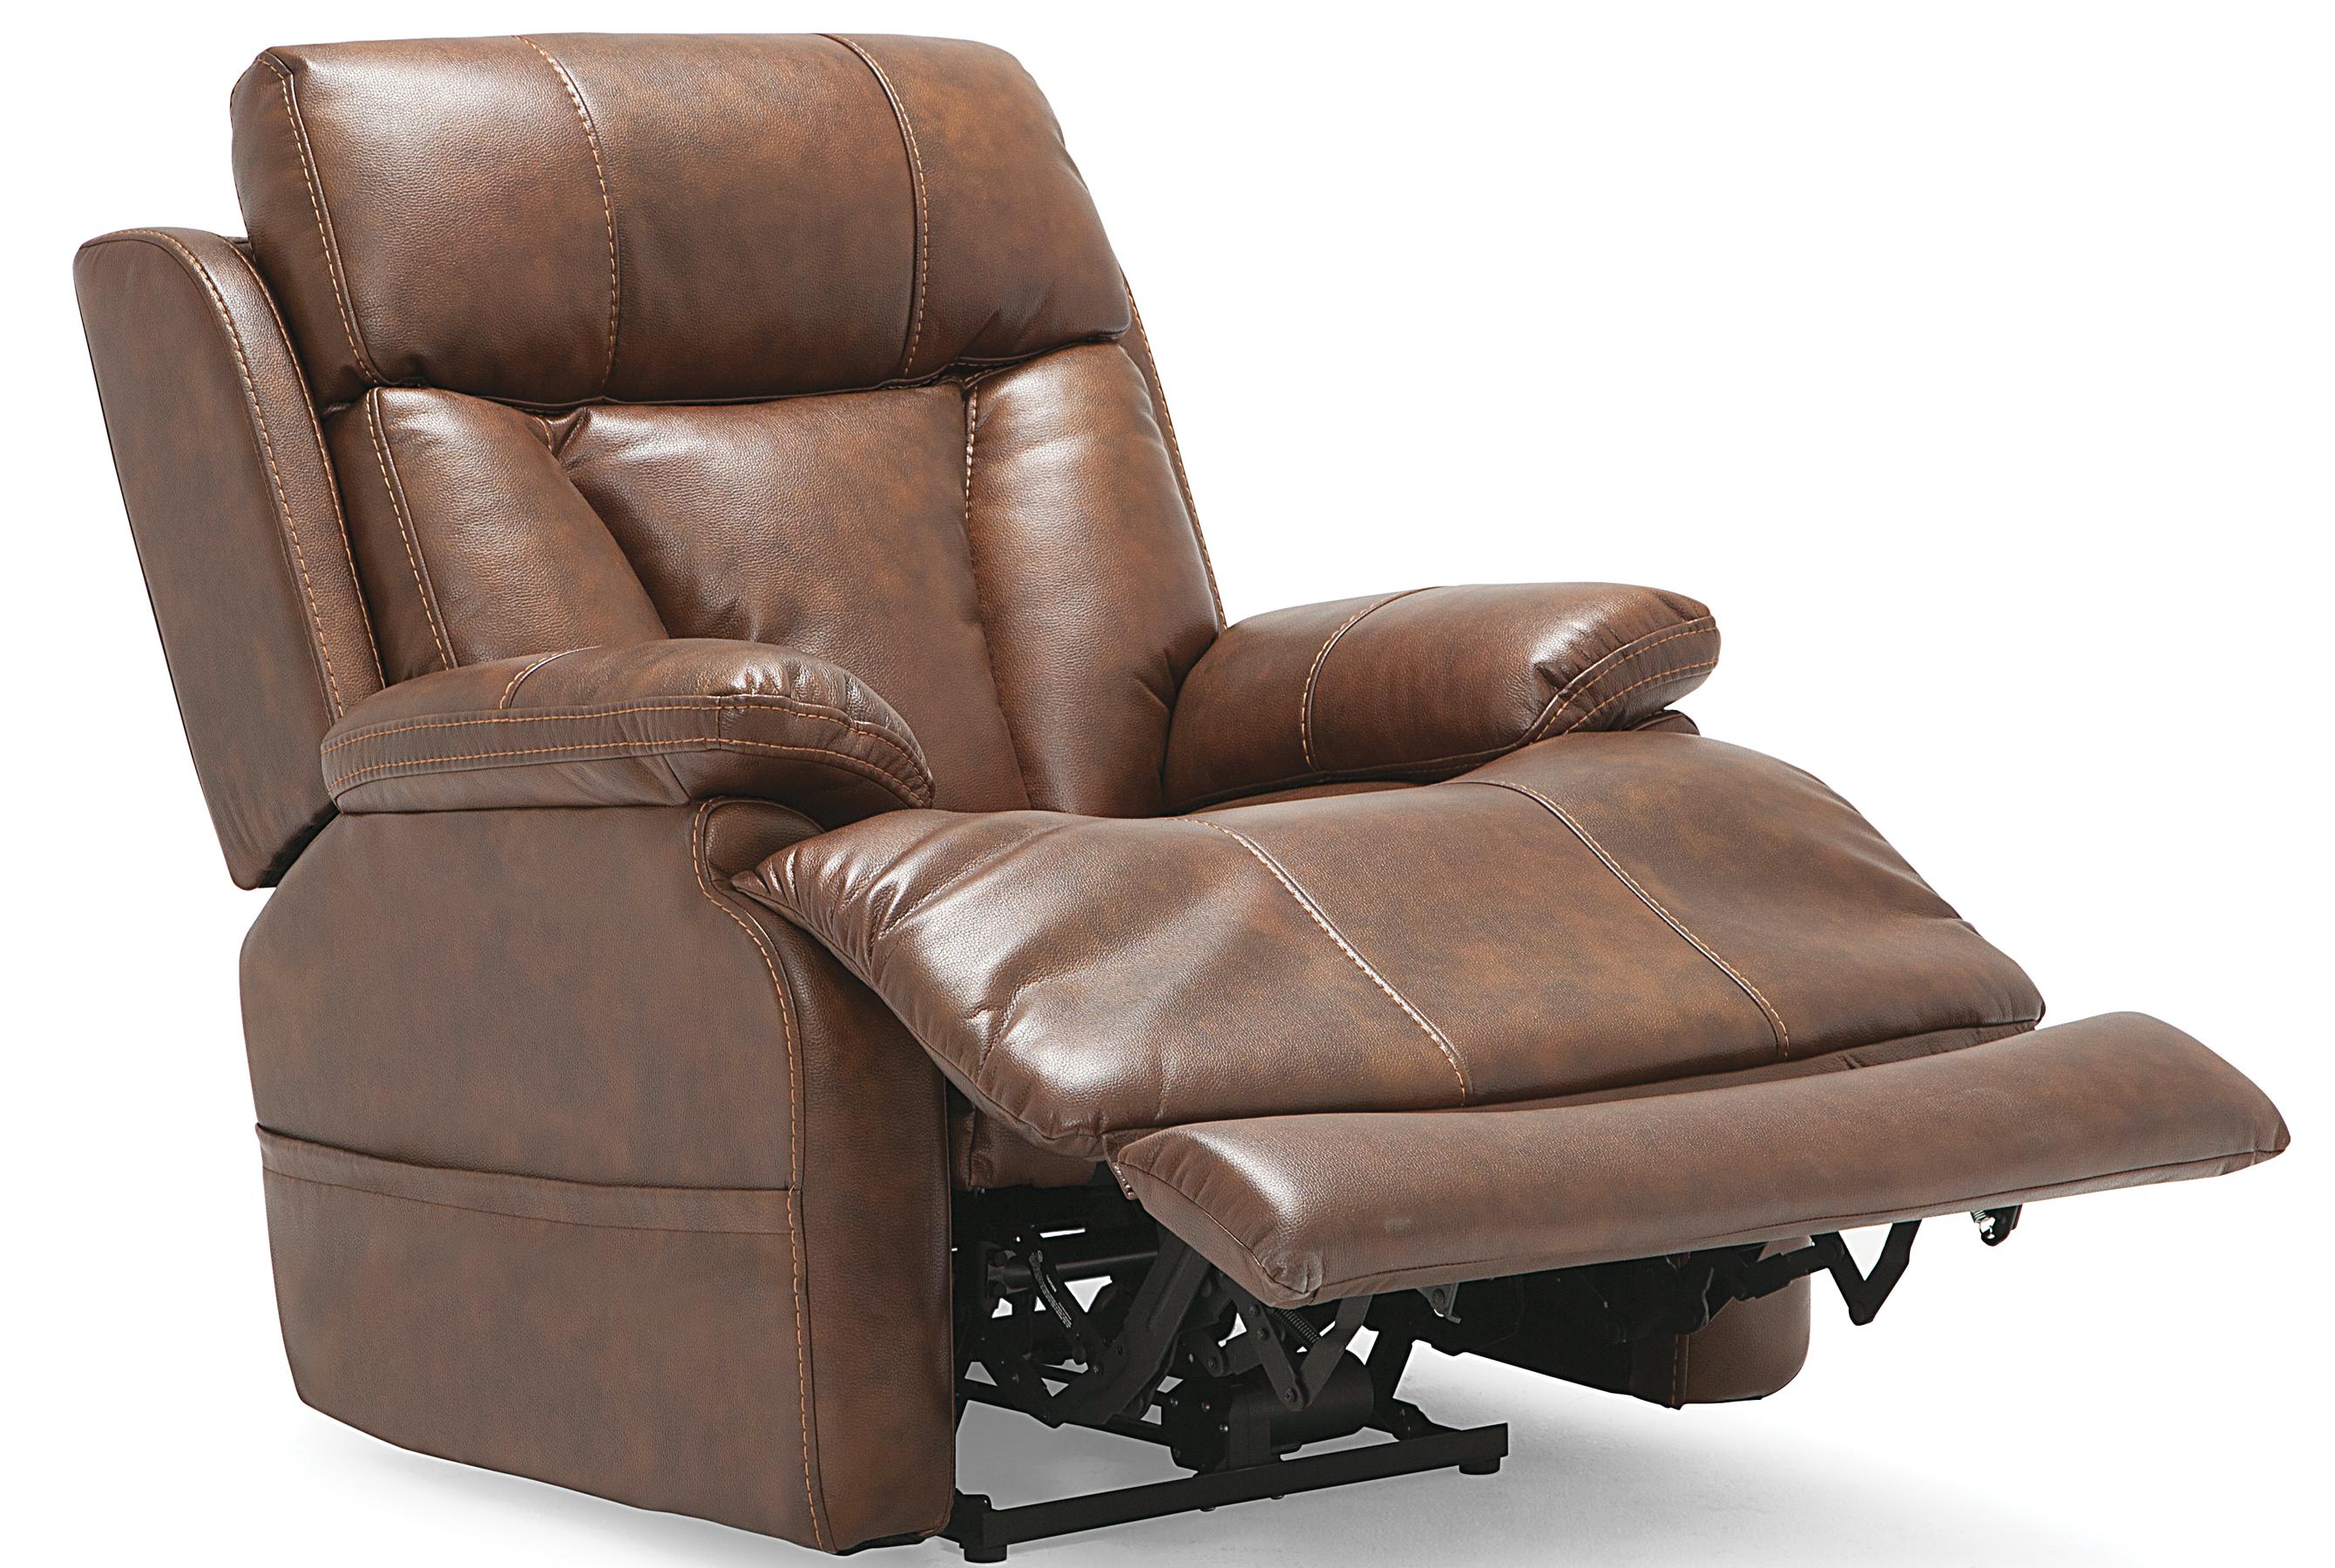 Terrific Aspen Layflat Power Recliner Toulon Rust In Sofas And Short Links Chair Design For Home Short Linksinfo